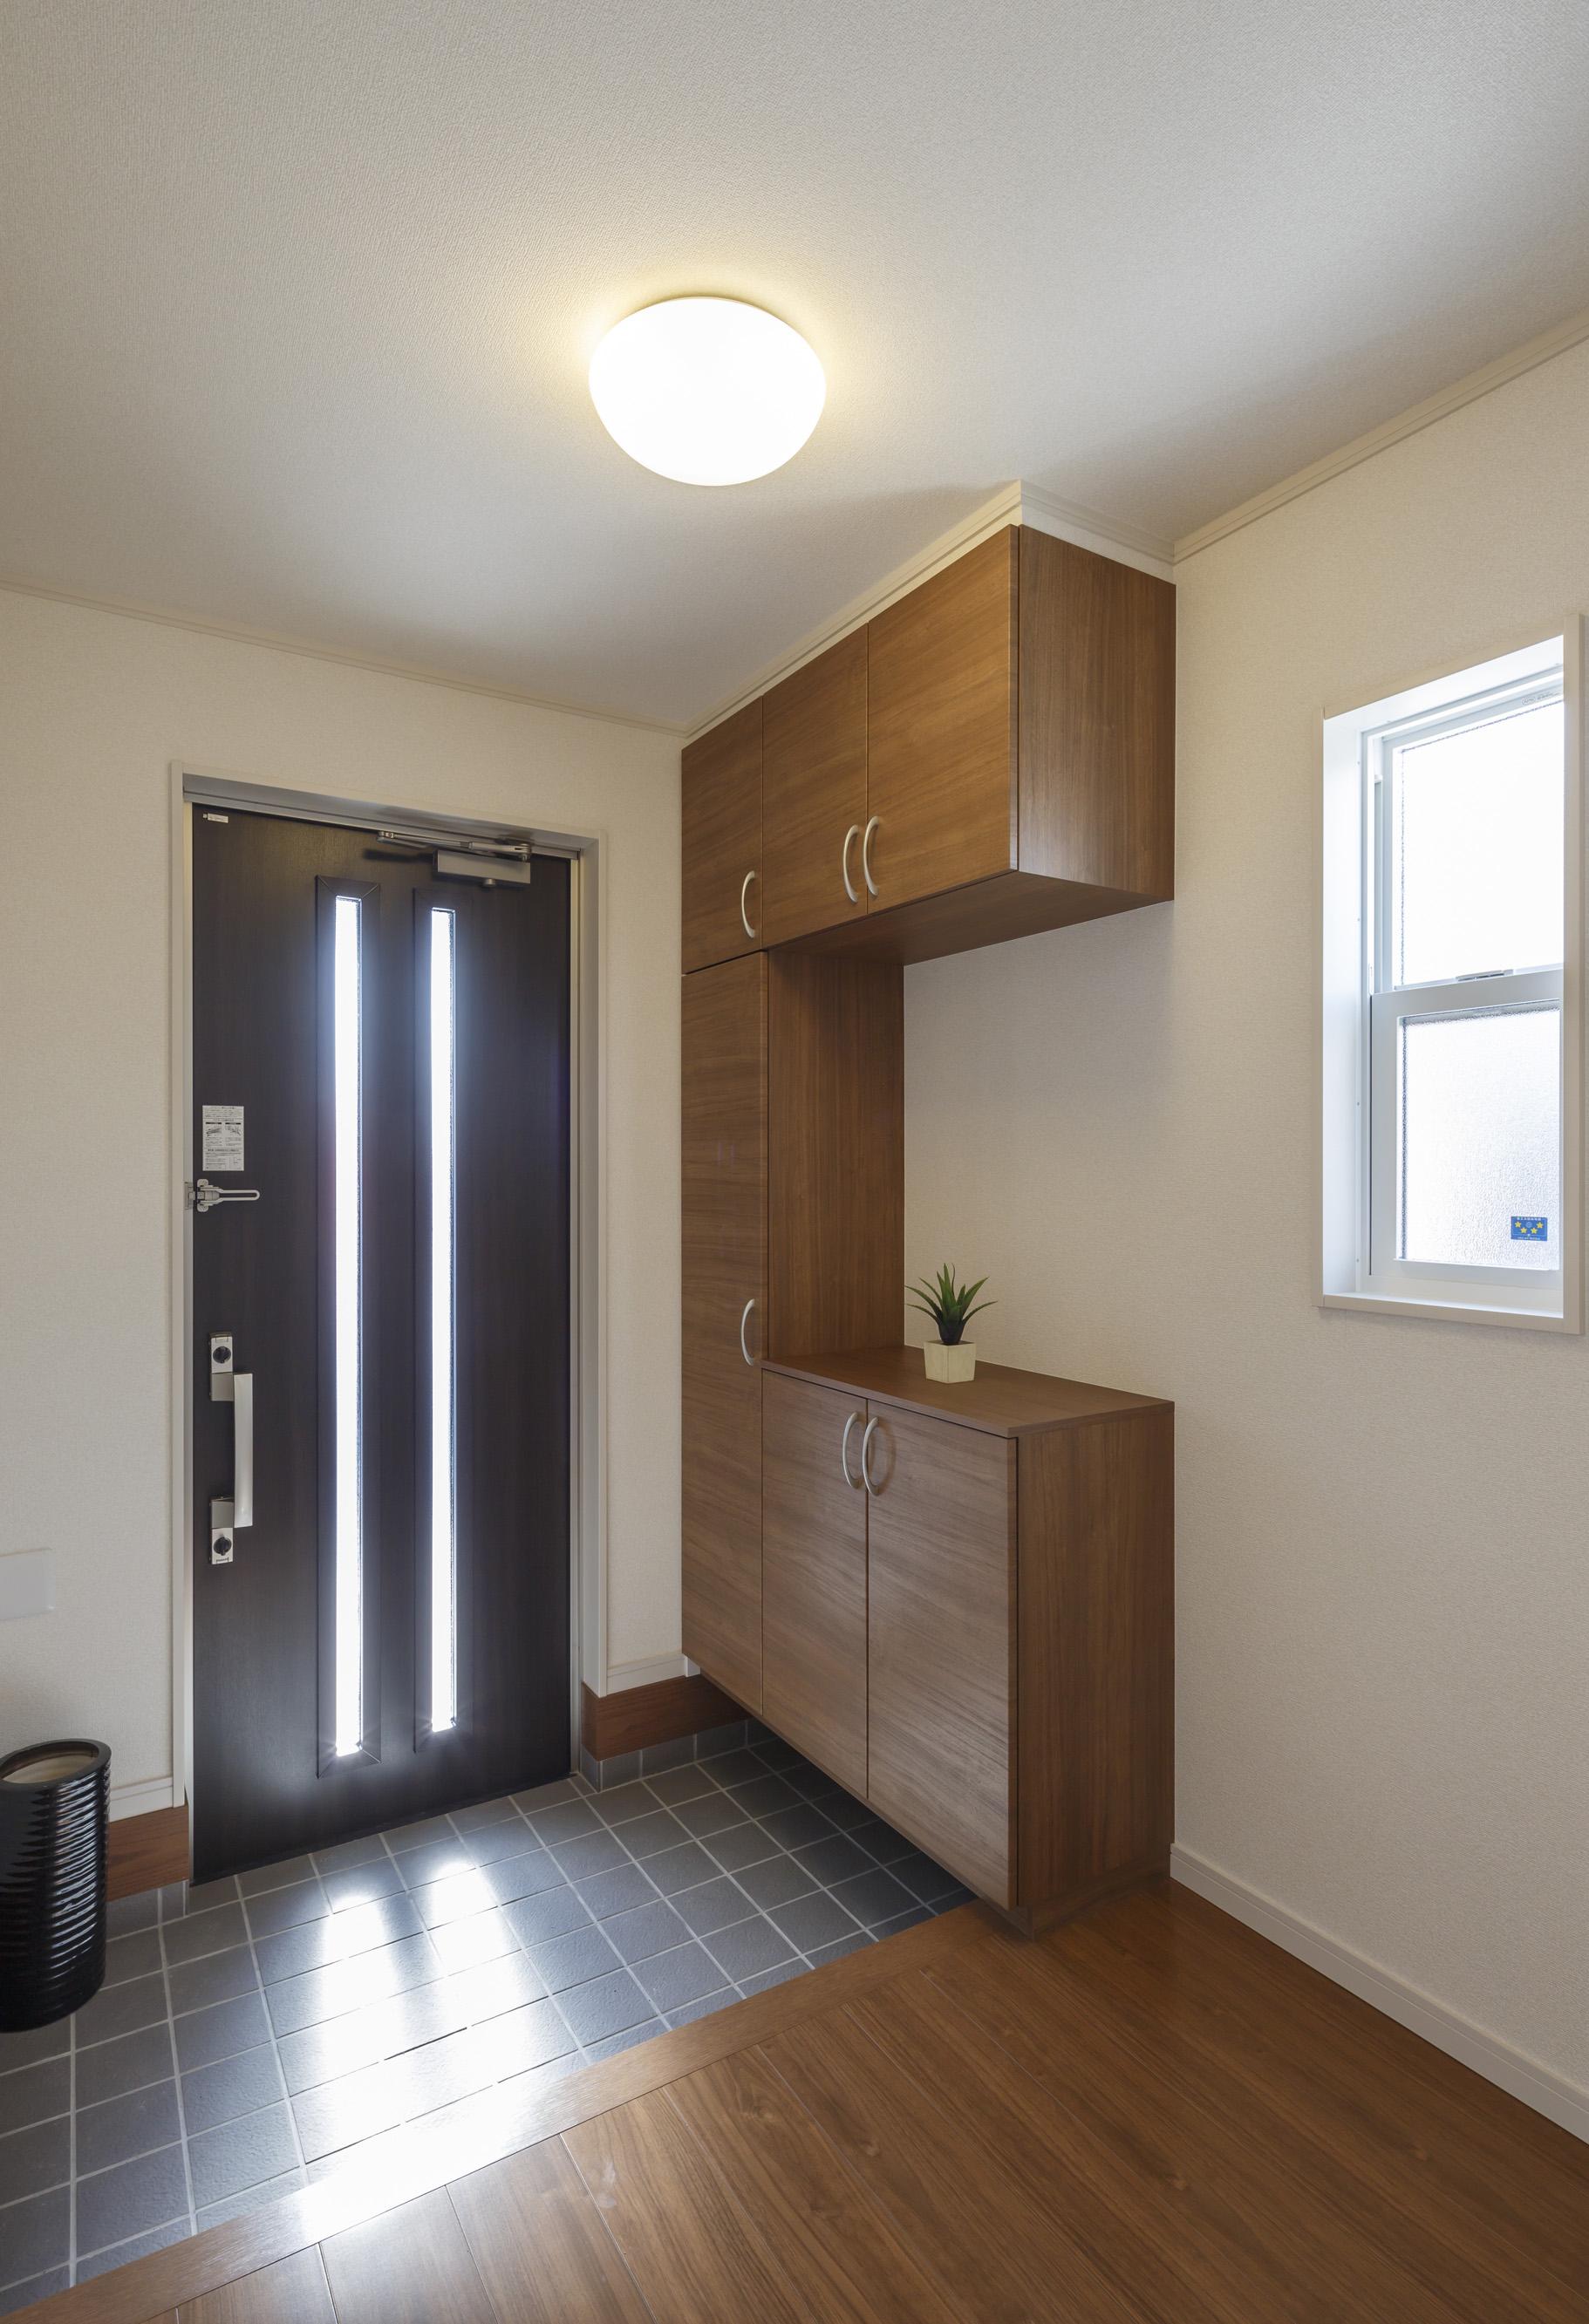 2×4工法で建てられており、尺貫法とは違い1メートル単位で設計され、玄関